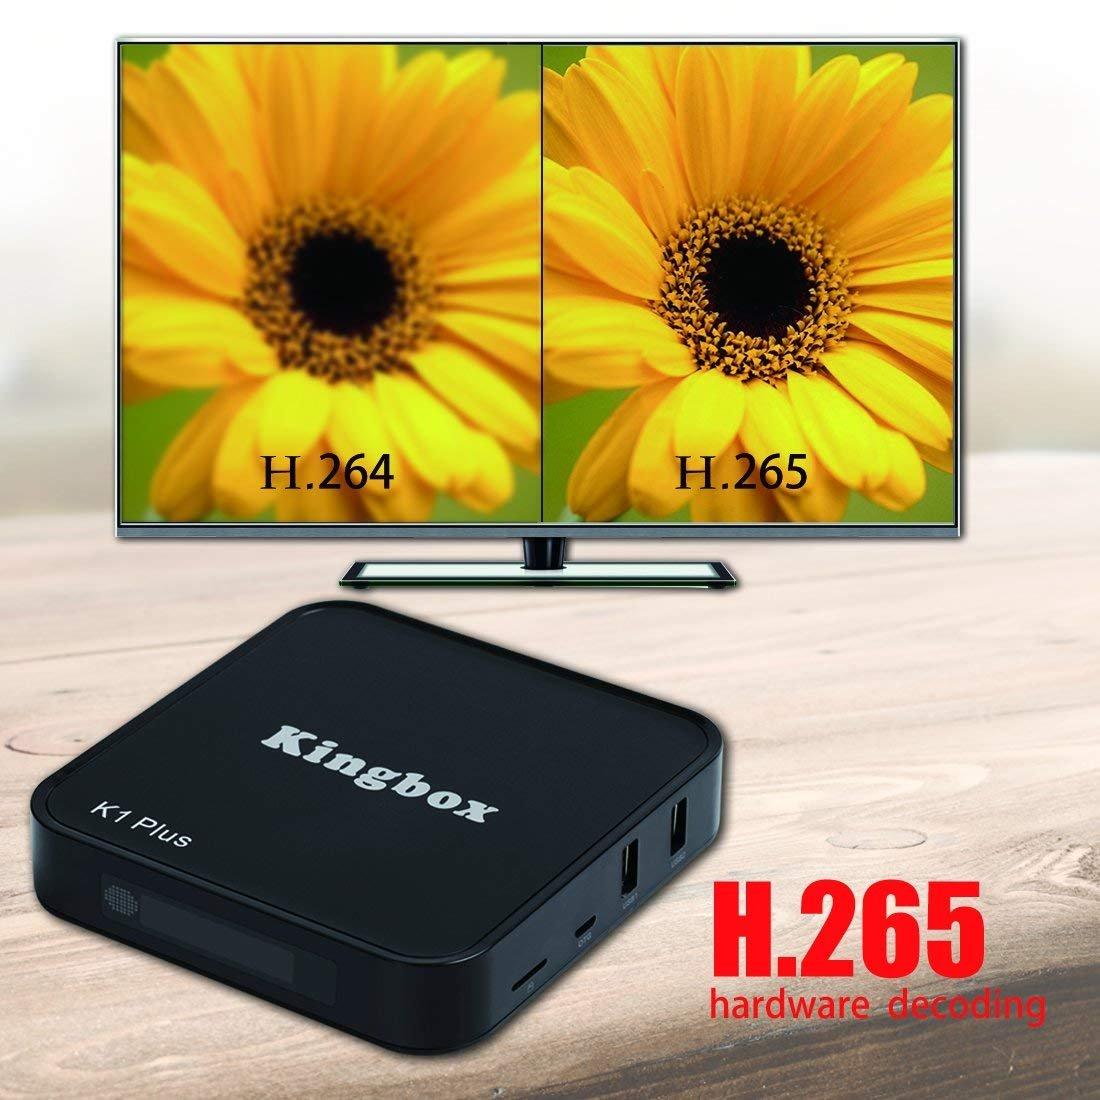 Más reciente Android TV Box 4 K/BT//Full HD/H.265/Smart TV Box, kingbox K1 Plus Android 6.0 TV Box 2 GB/8GB con Mini teclado: Amazon.es: Electrónica